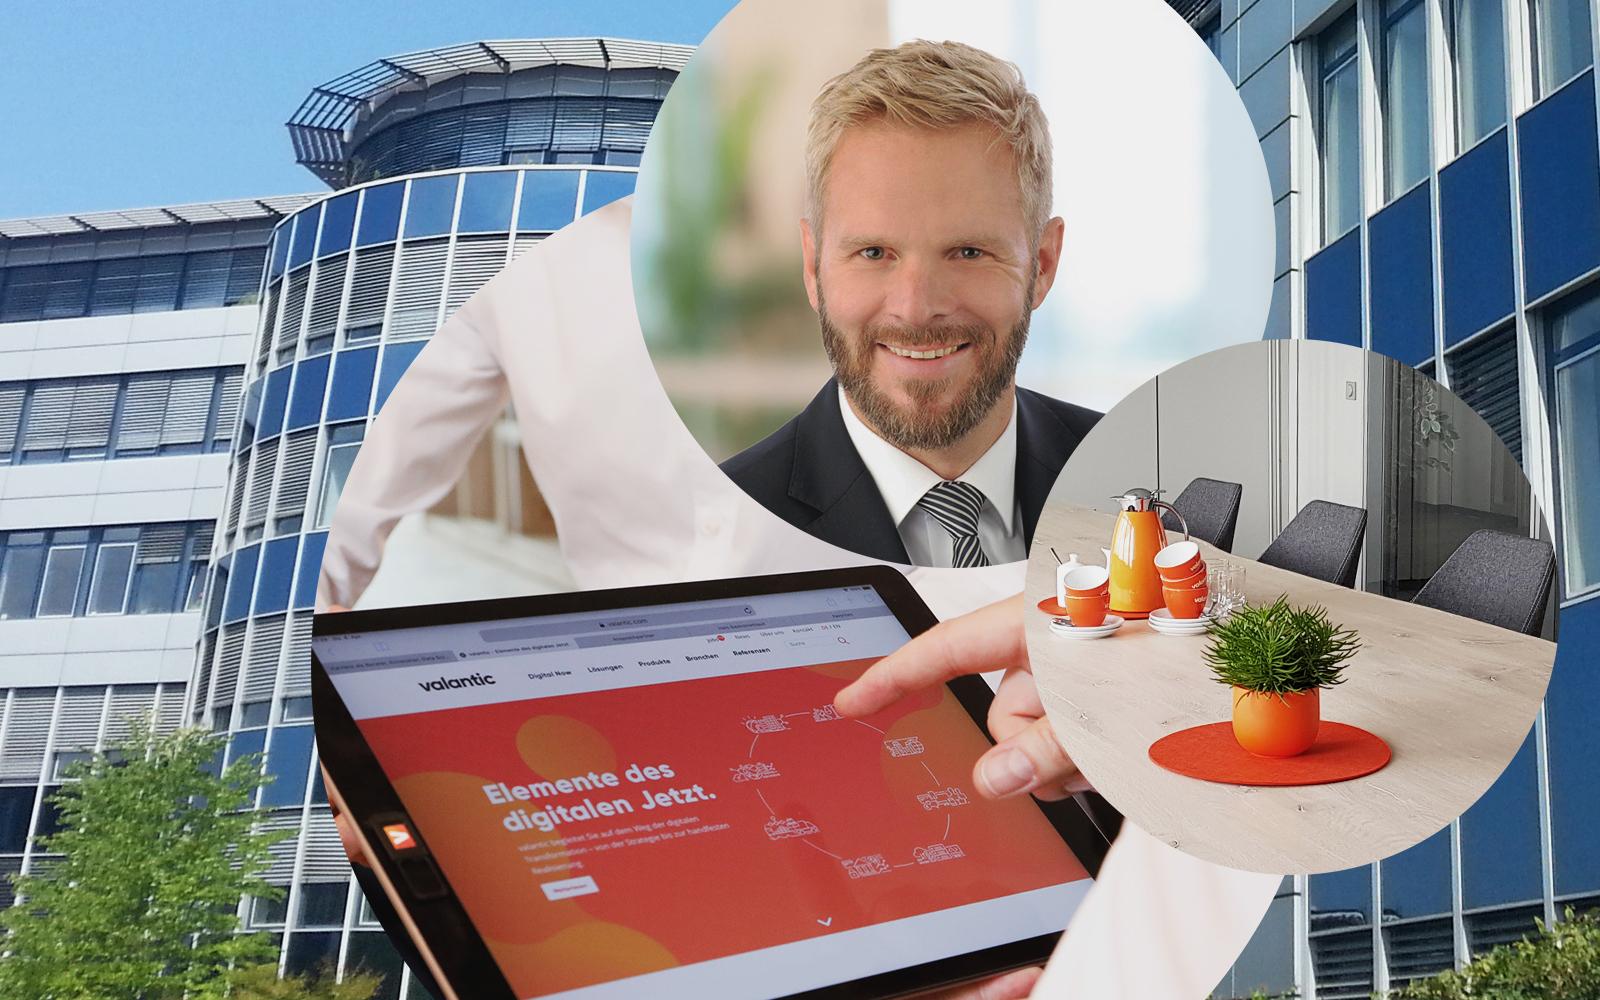 Bild von Thomas Latajka, Geschäftsführer valantic ERP, Bürogebäude in Langenfeld, Konferenzraum, Tablet mit valantic Website